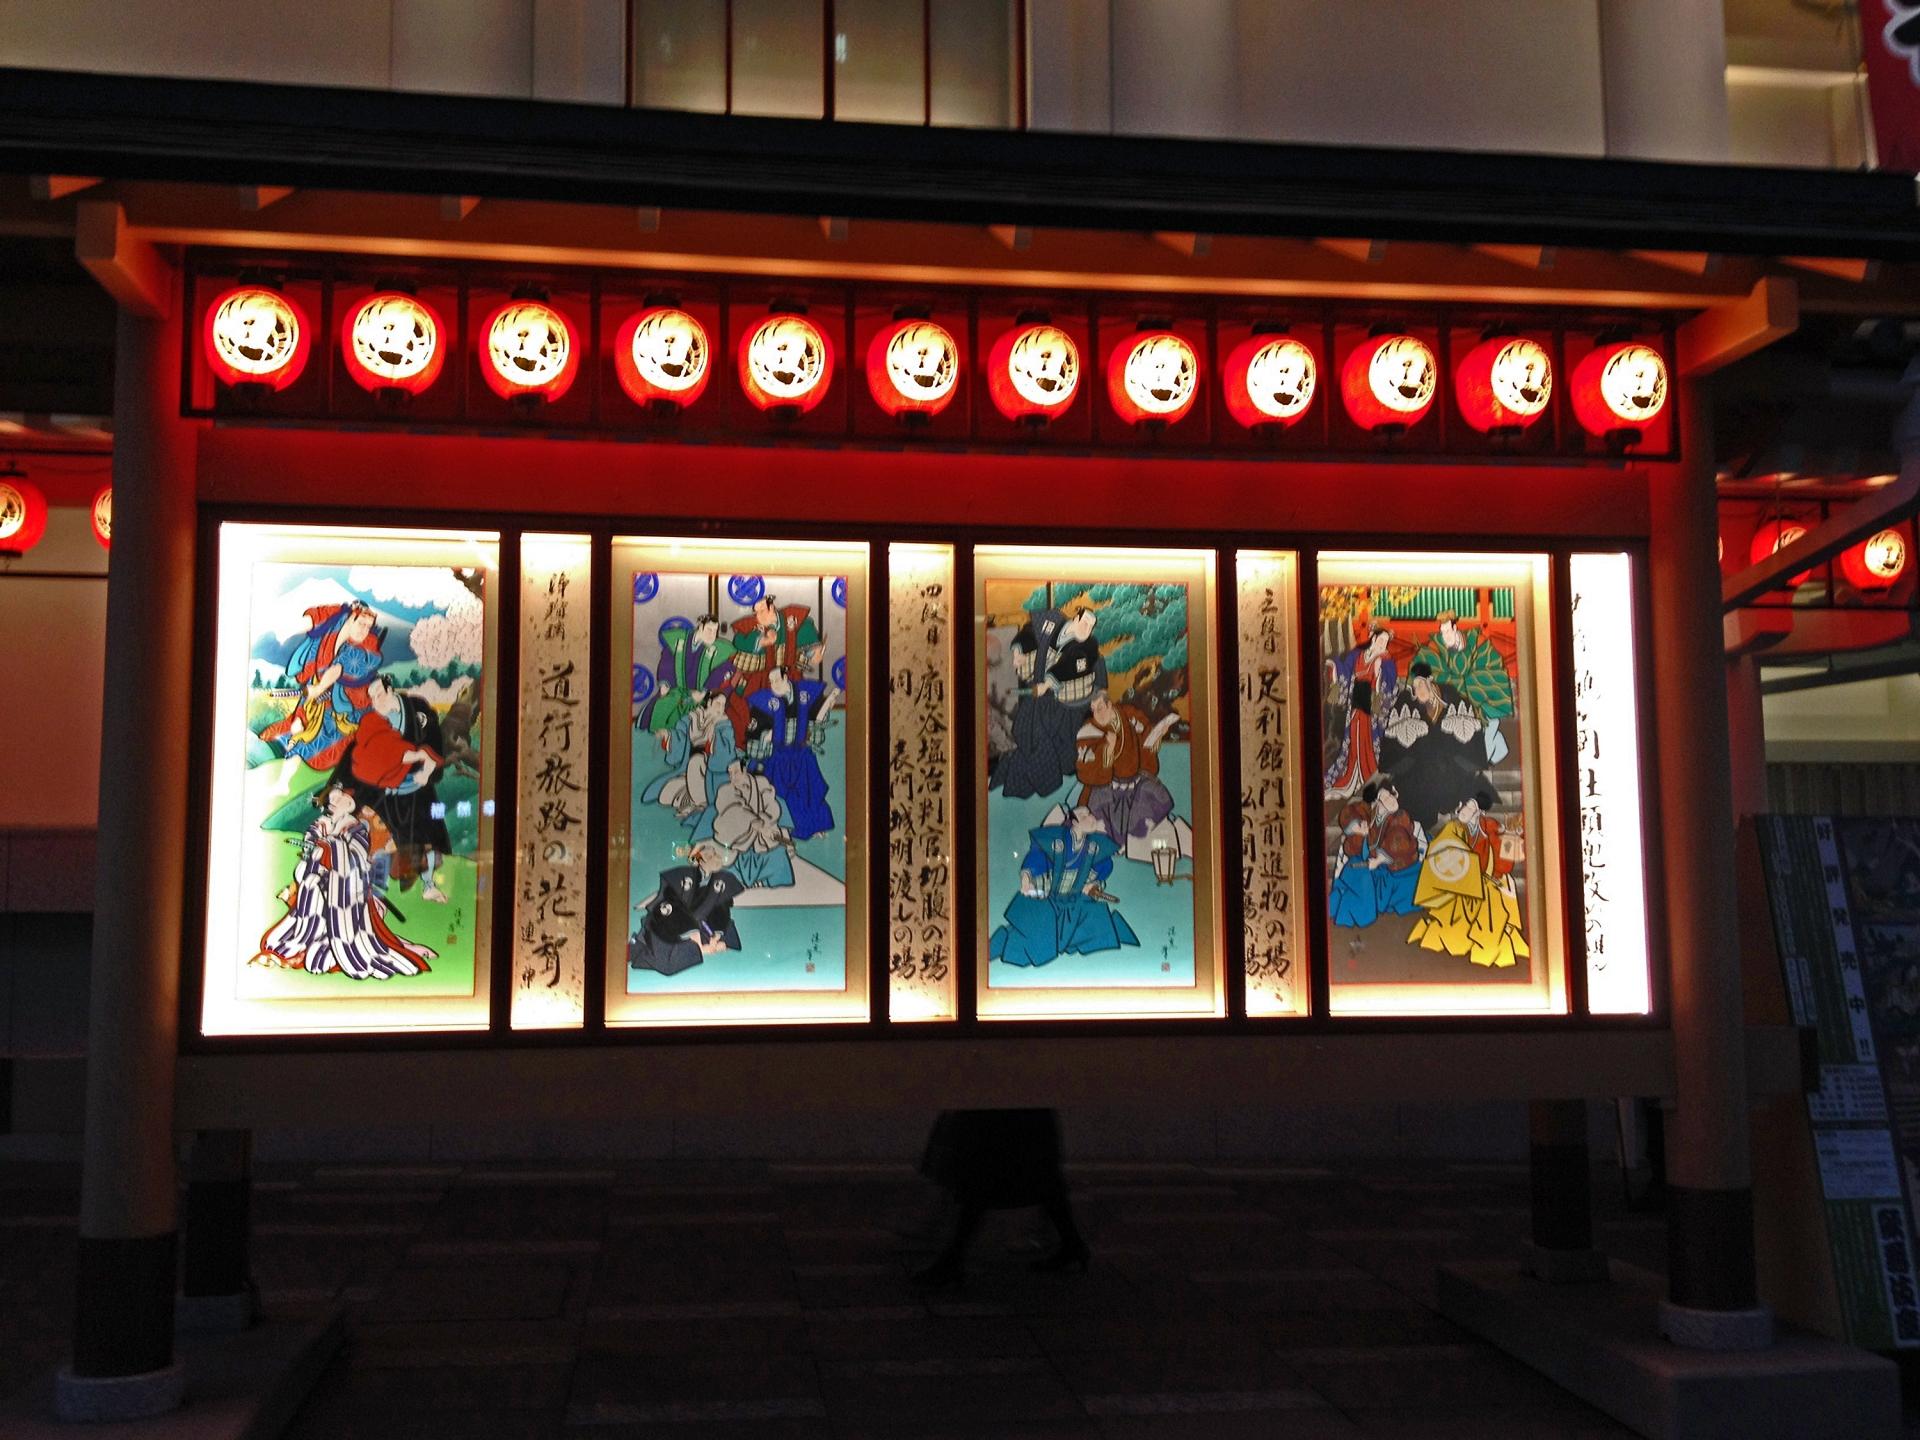 歌舞伎座の芝居絵